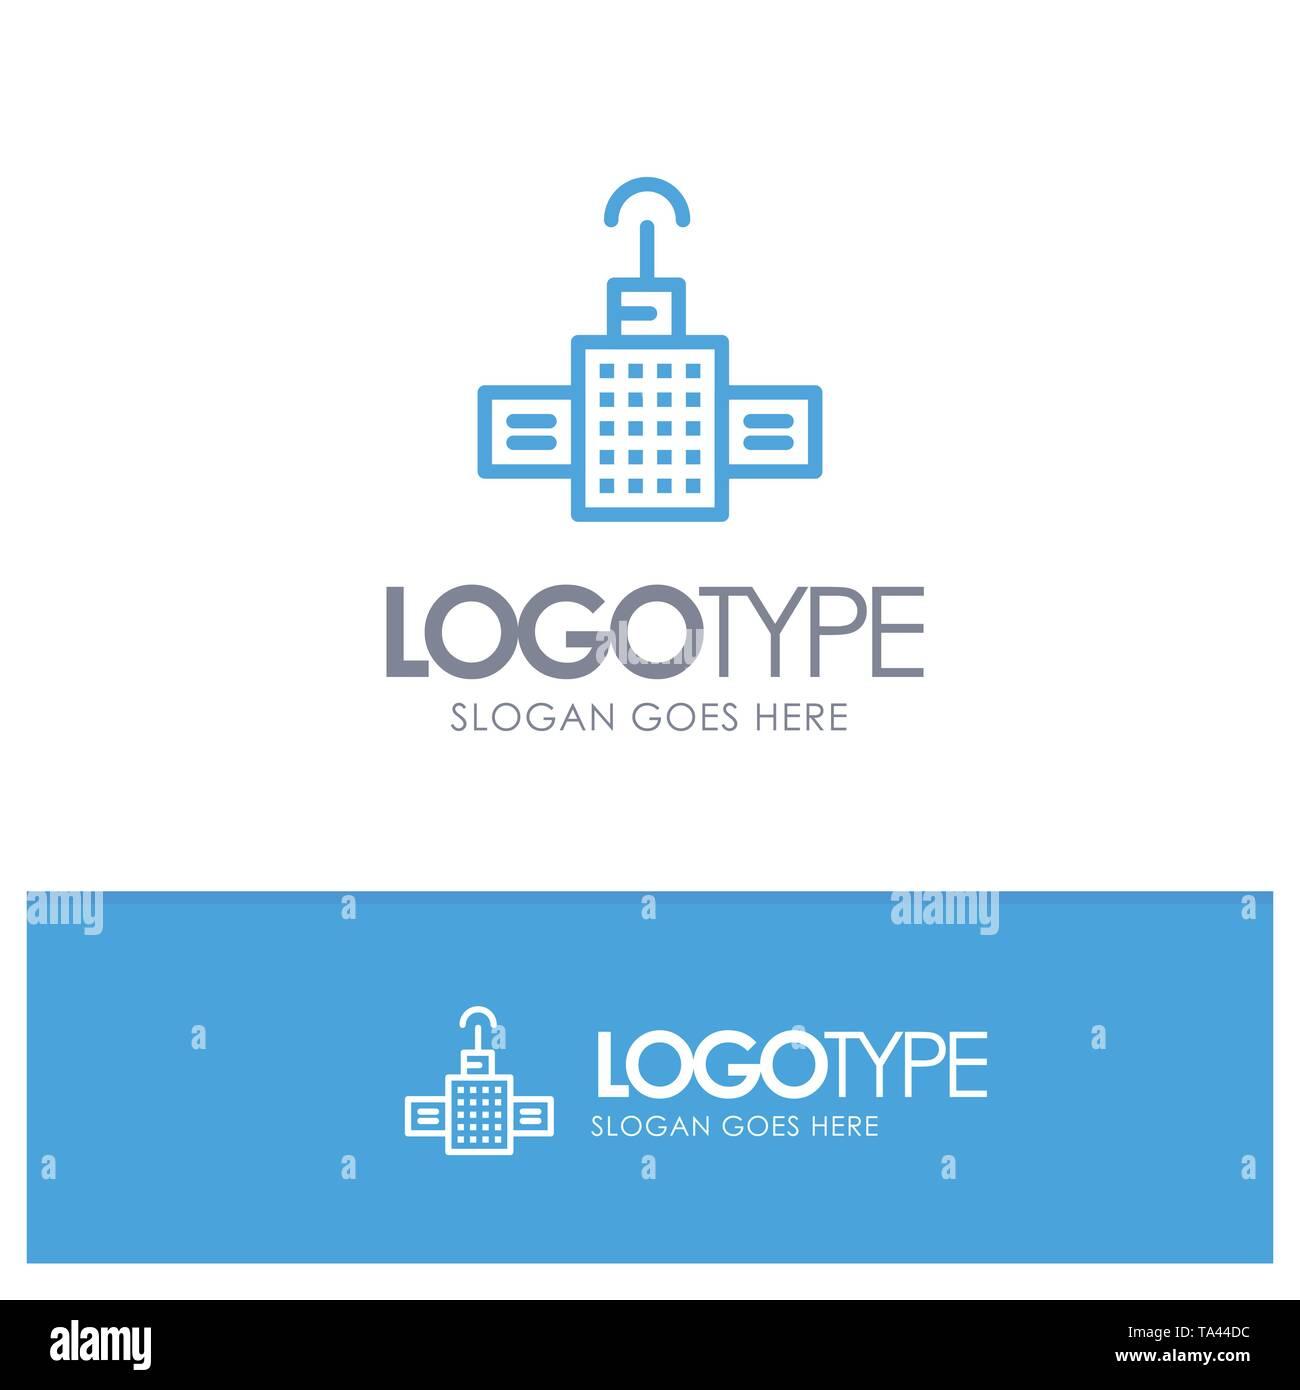 Gps, Navigation, Satellite Blue Outline Logo Place for Tagline - Stock Image